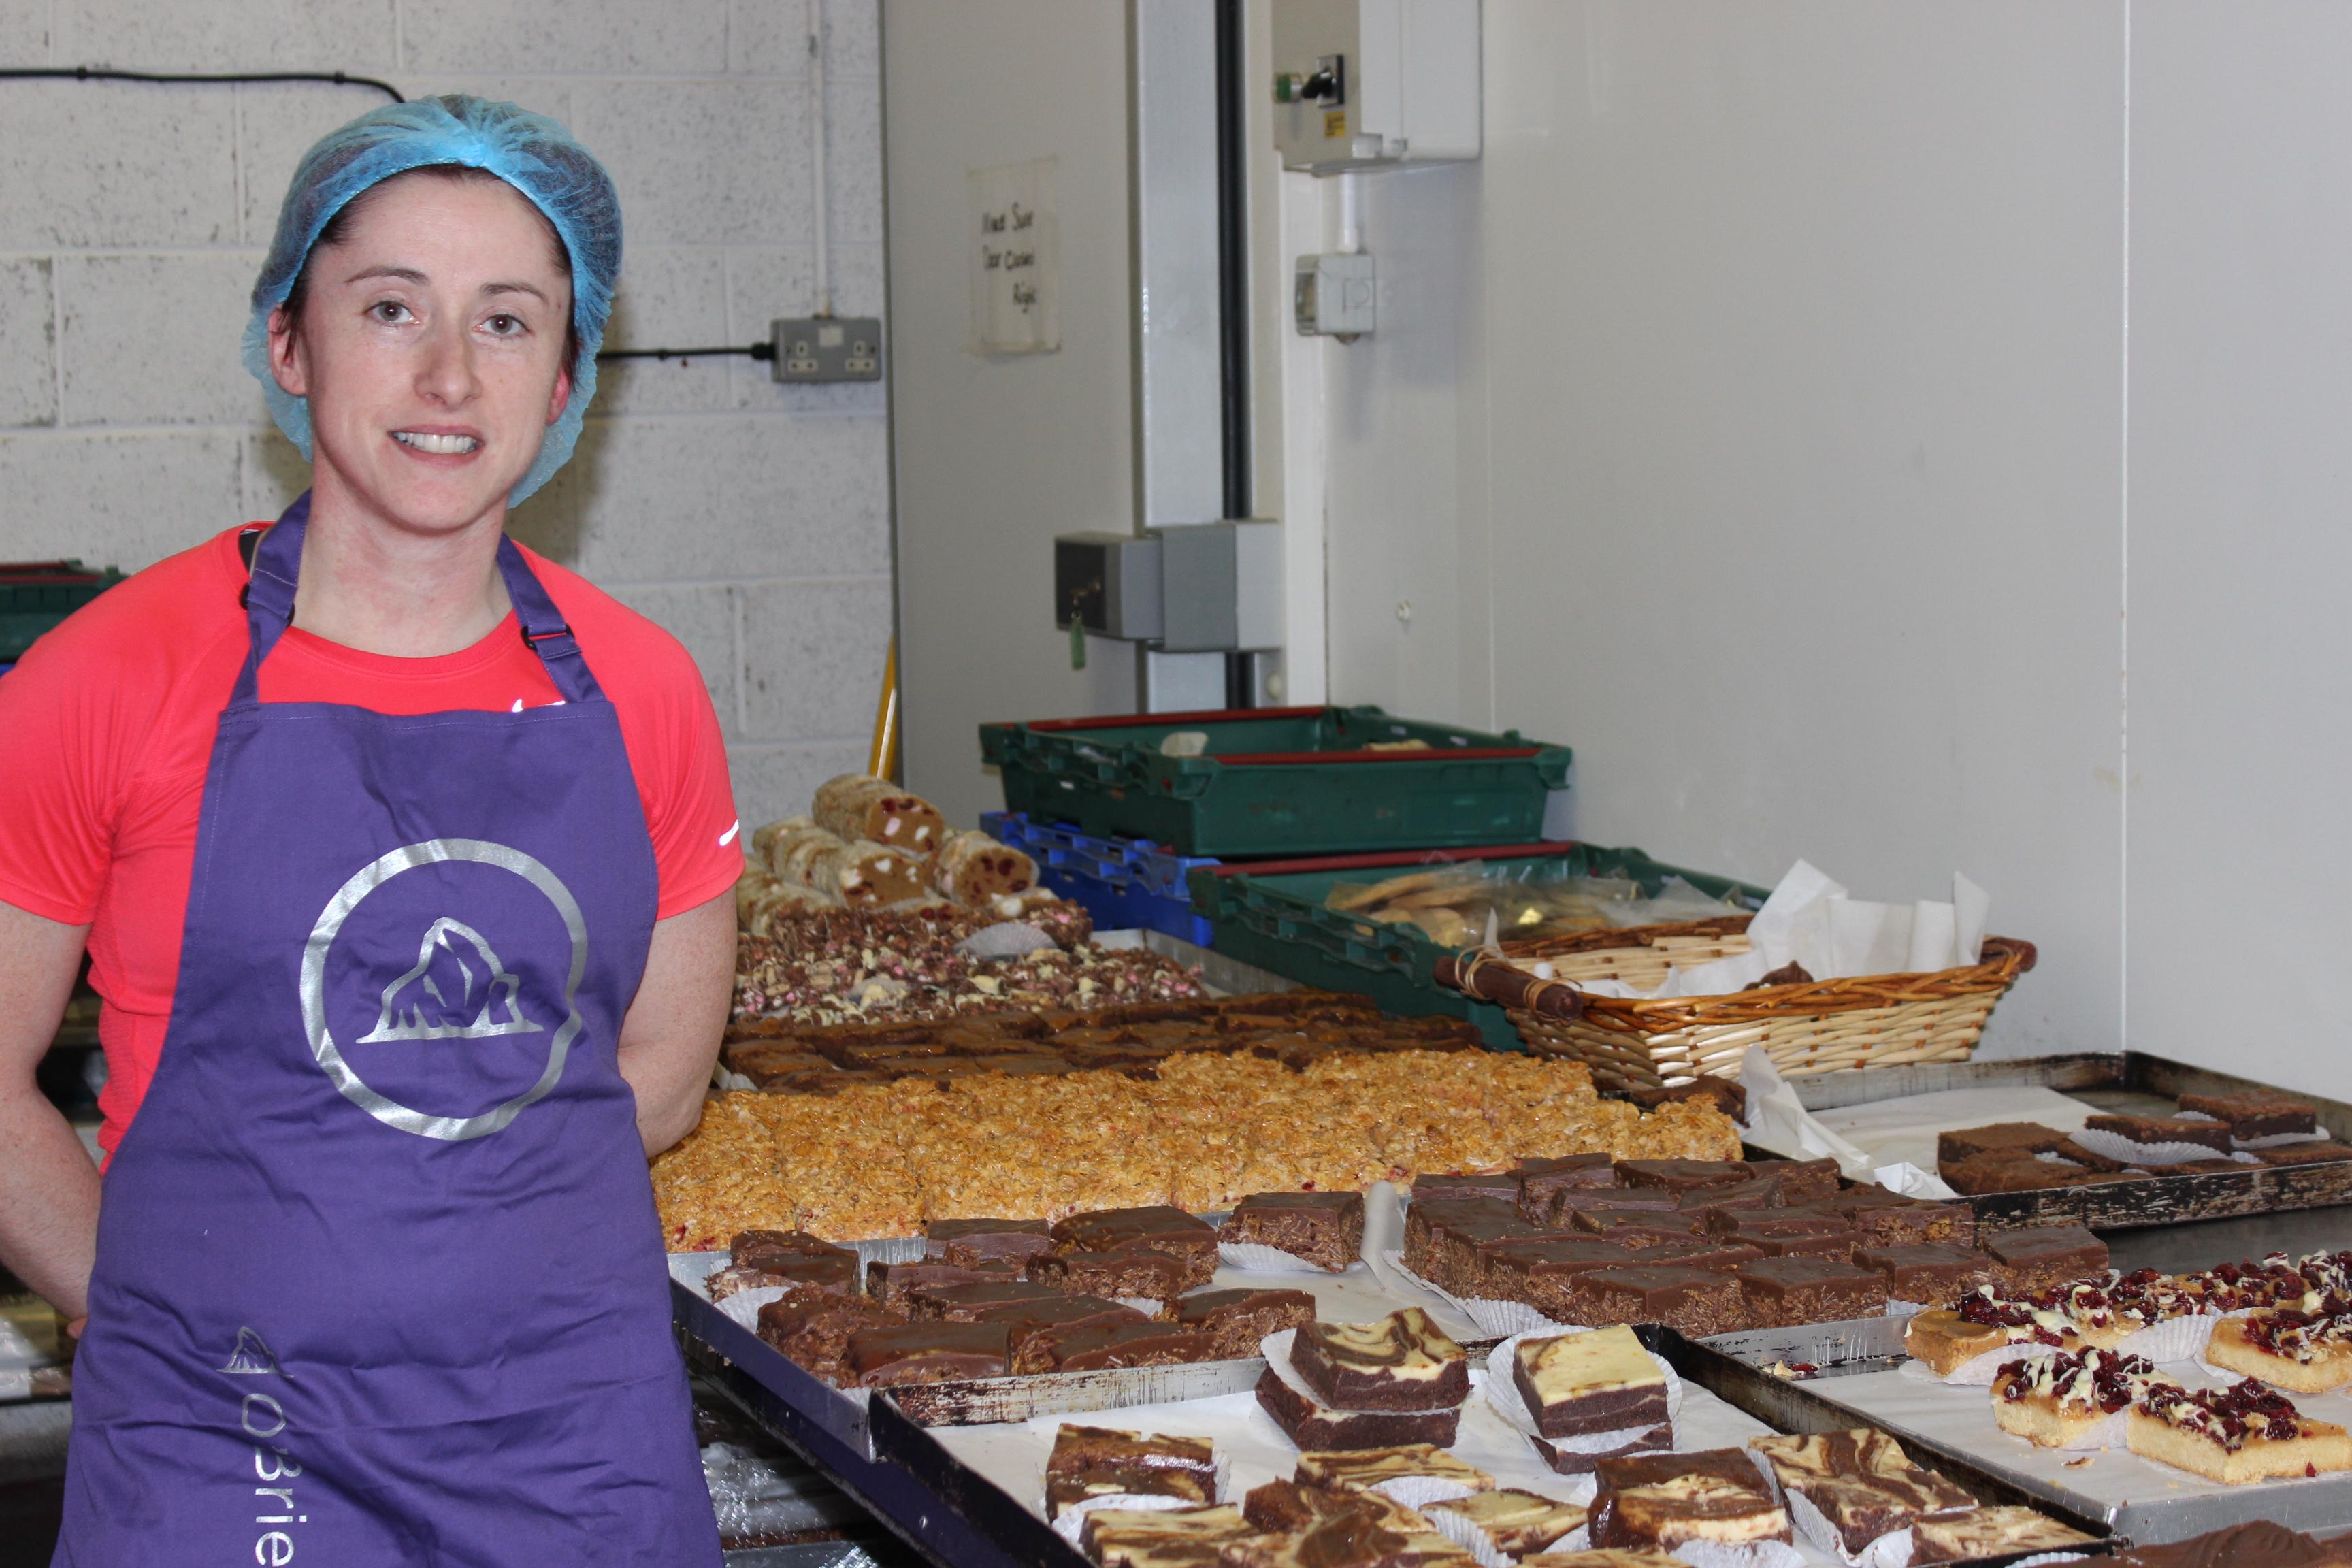 Sue-Ellen from Just Desserts